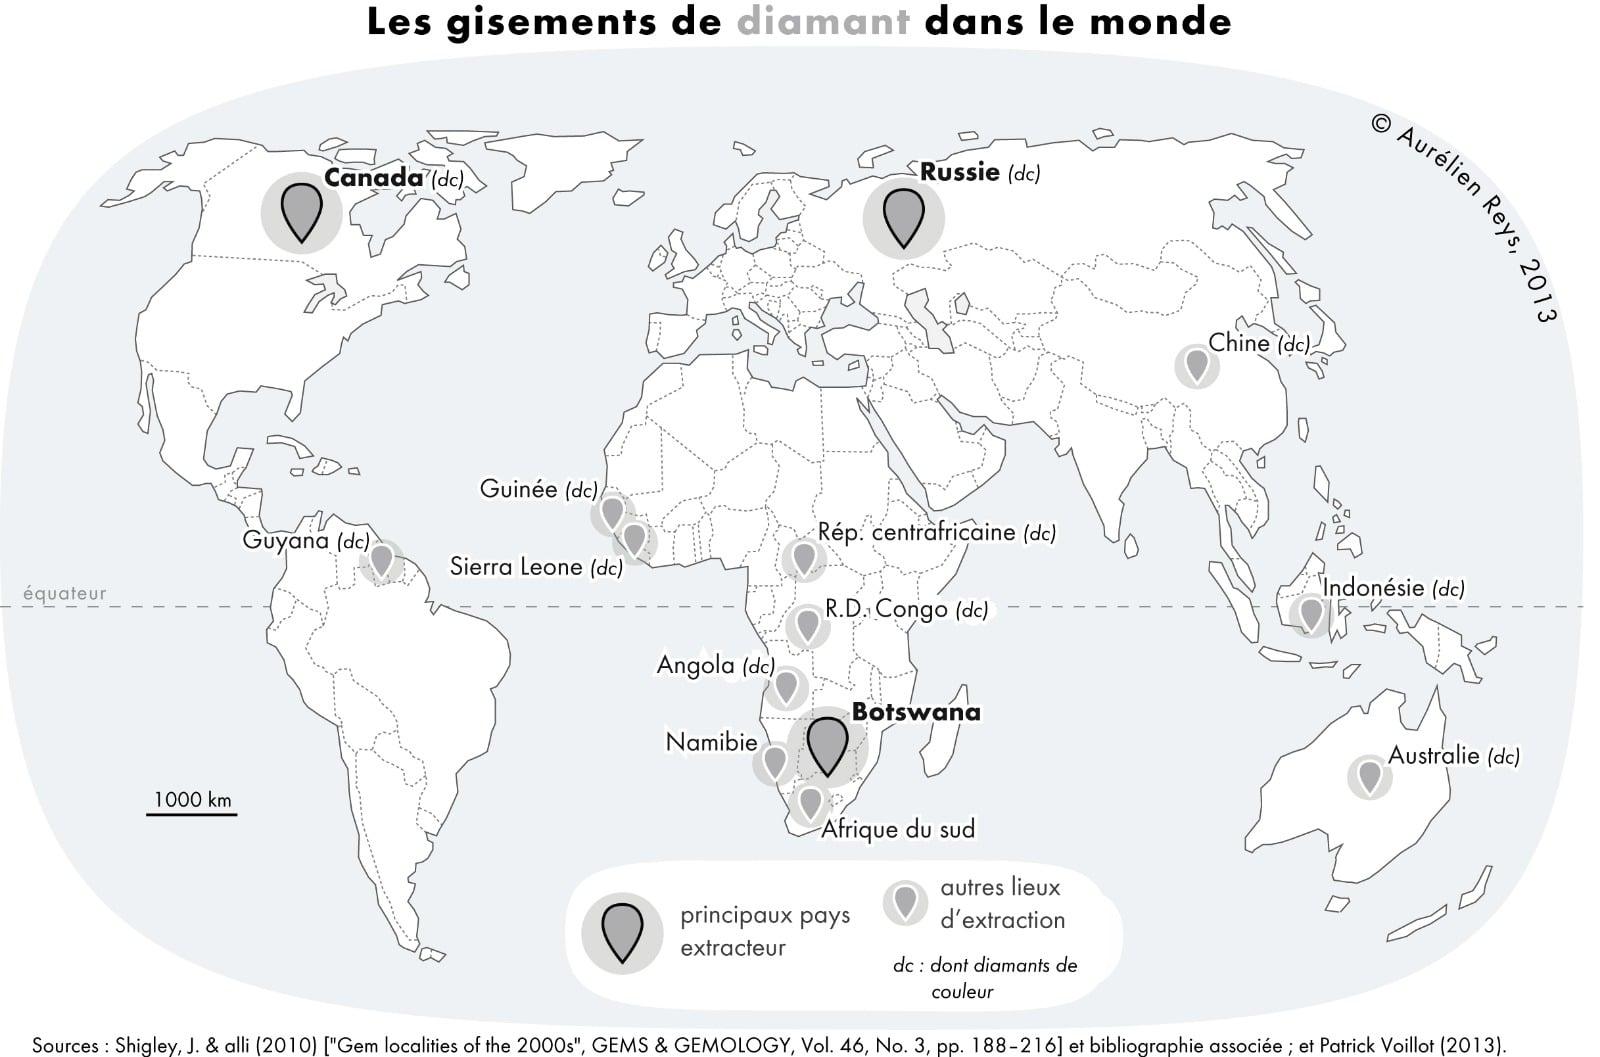 Les gisements de diamants dans le monde